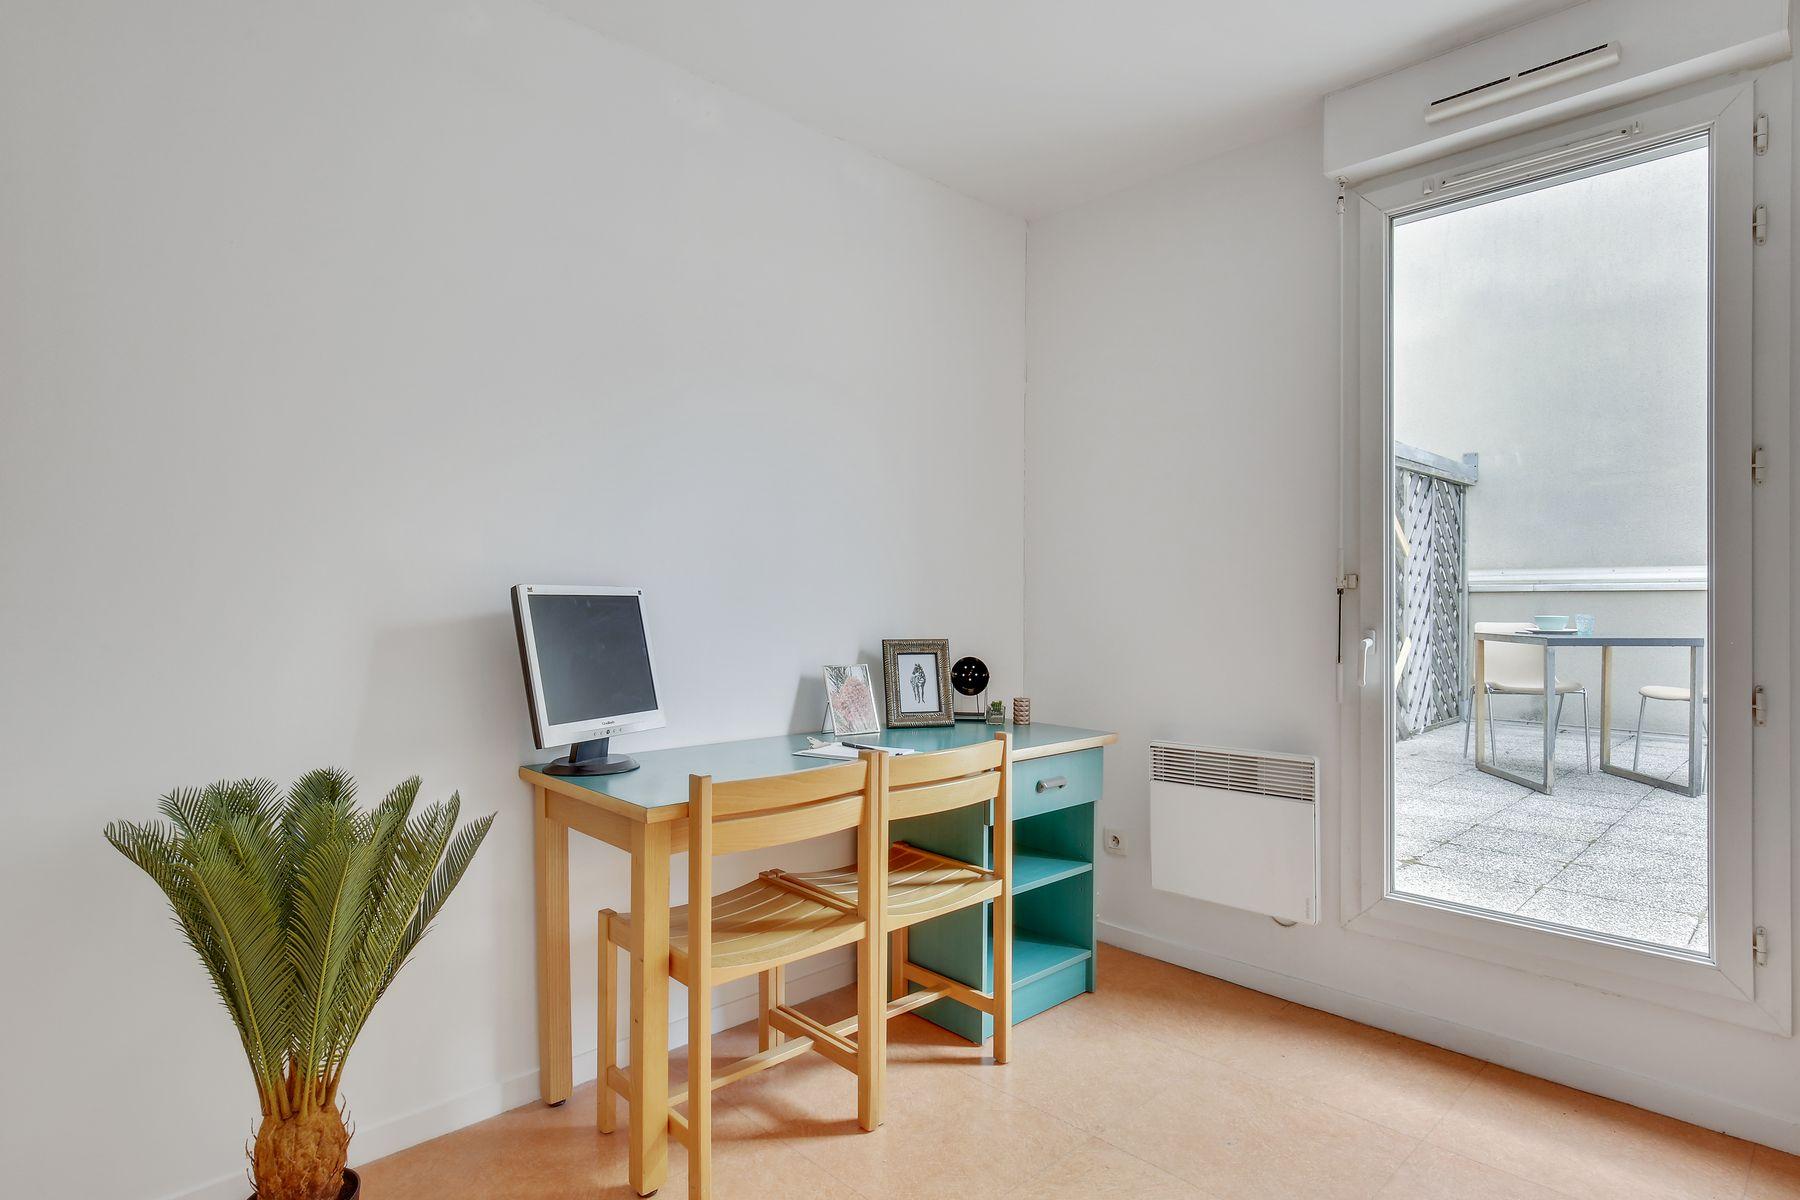 LOGIFAC résidence étudiante Ecrivains Carrières sur seine bureau terrasse